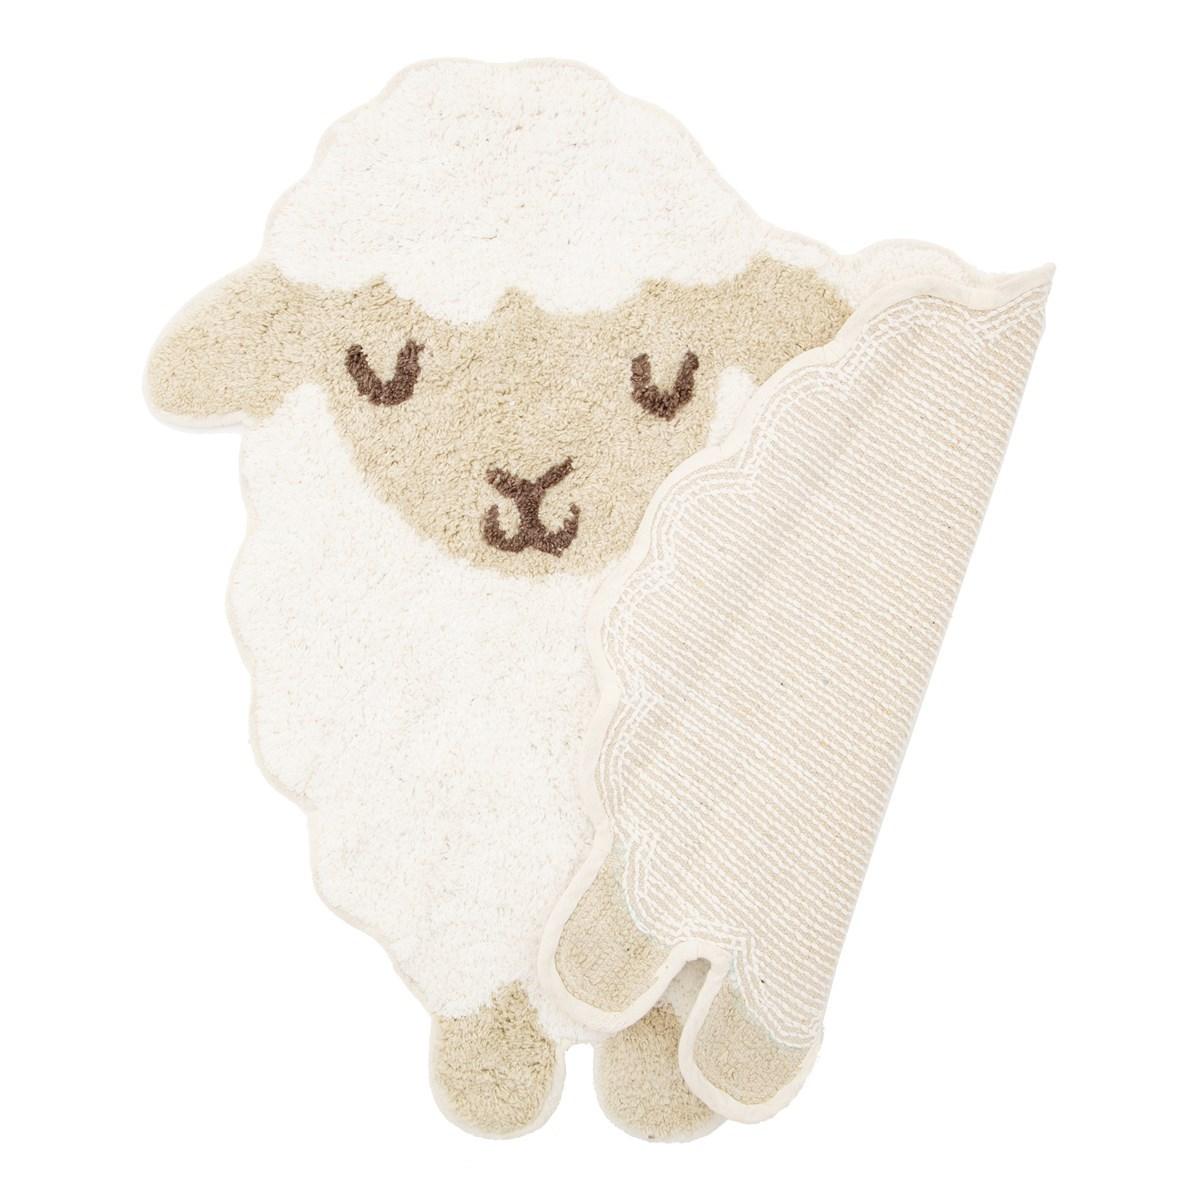 Meimei: Free Baby Elephant Crochet Pattern | 2400x2400